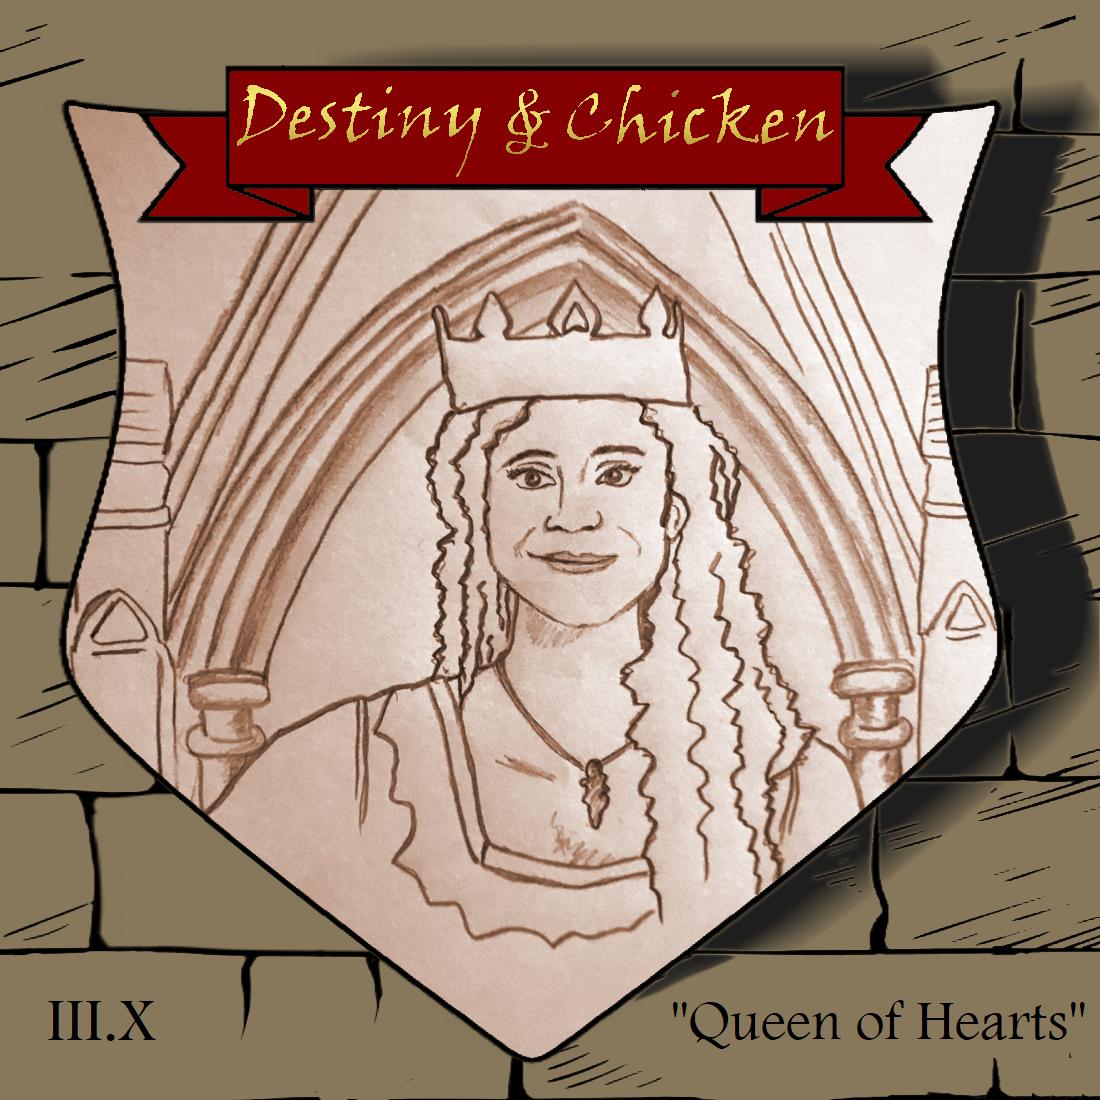 Episode III.X - Queen of Hearts